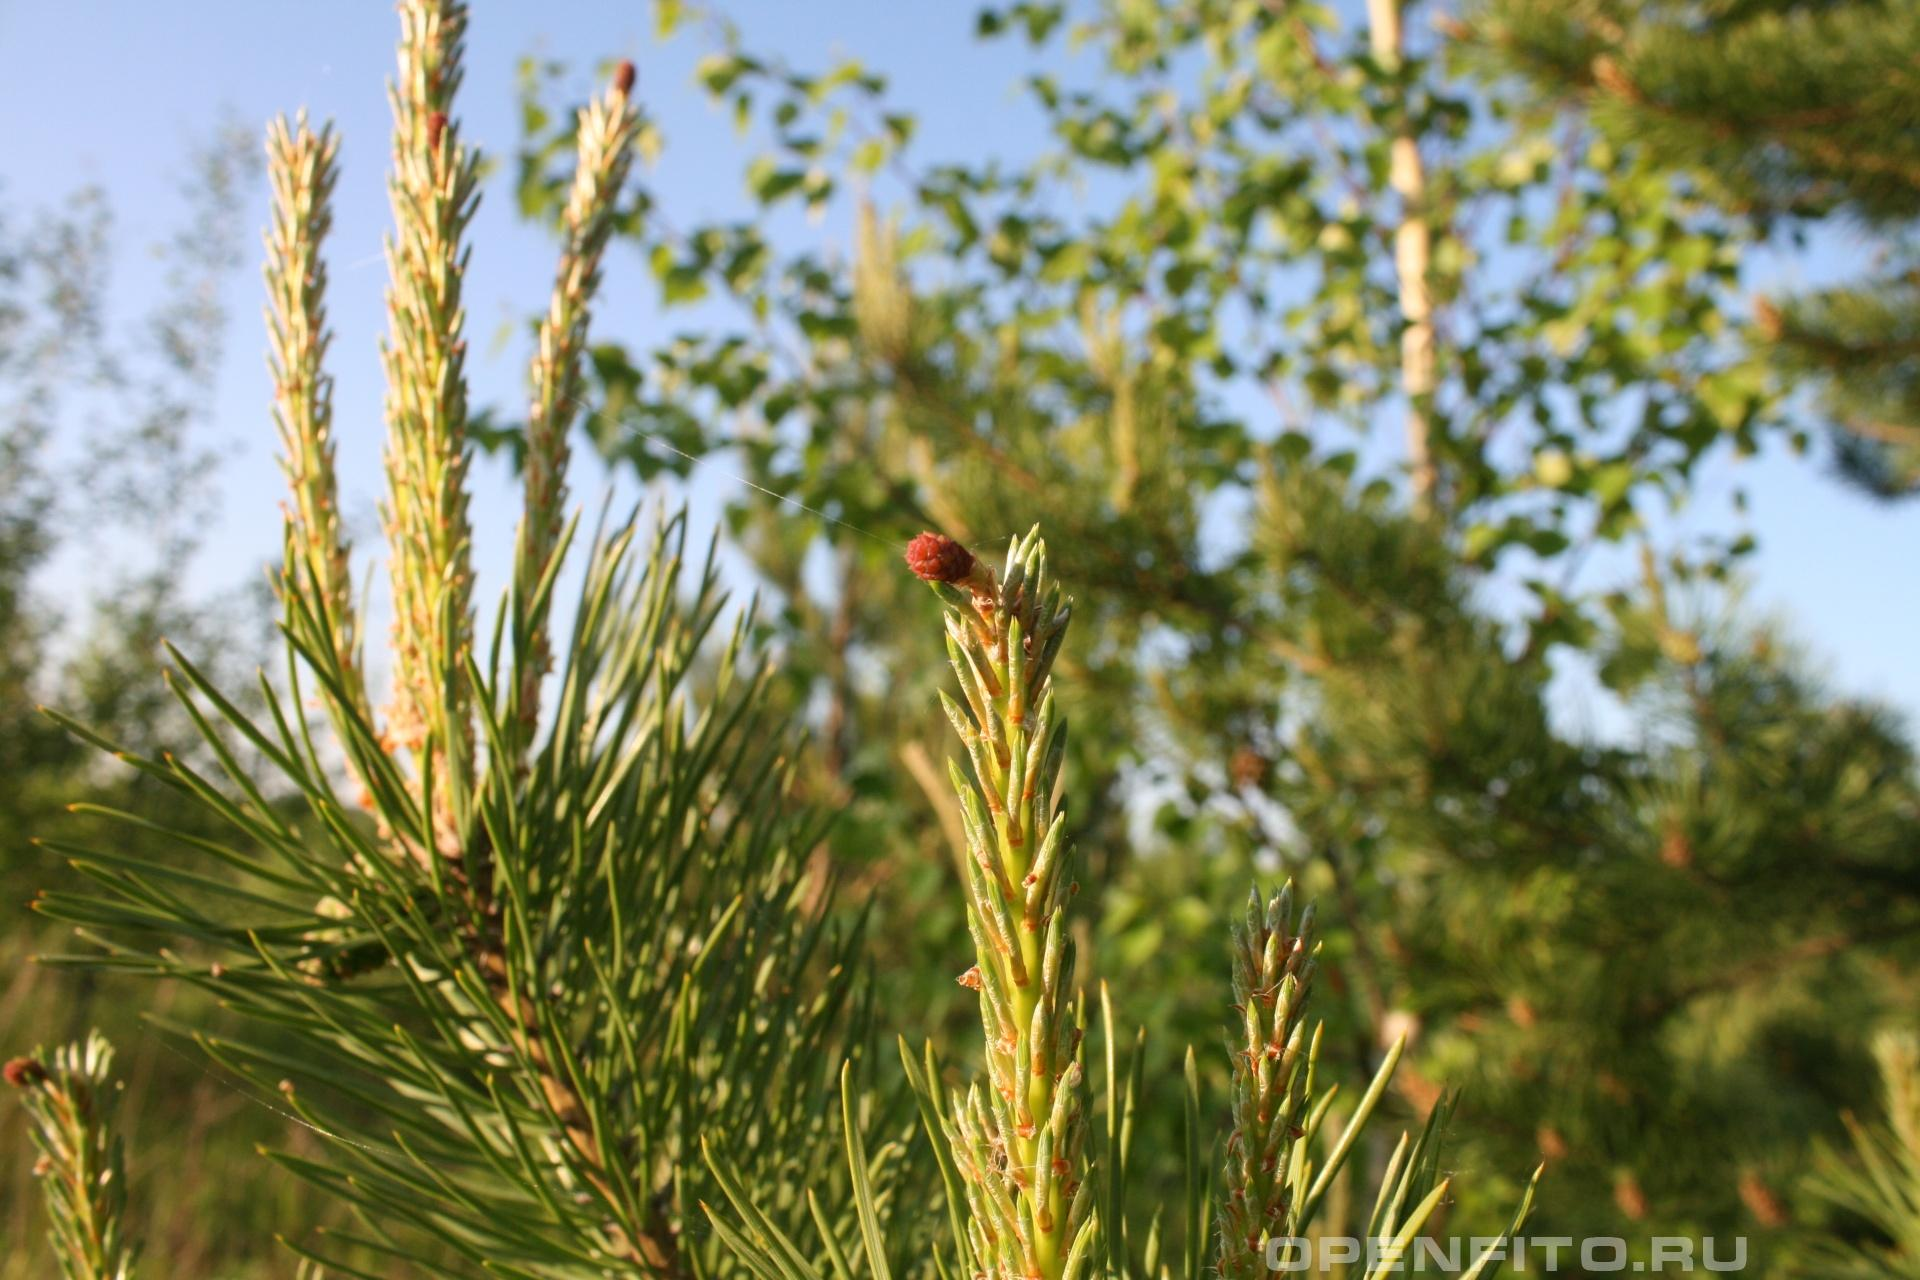 Сосна цветок сосны обыкновенной